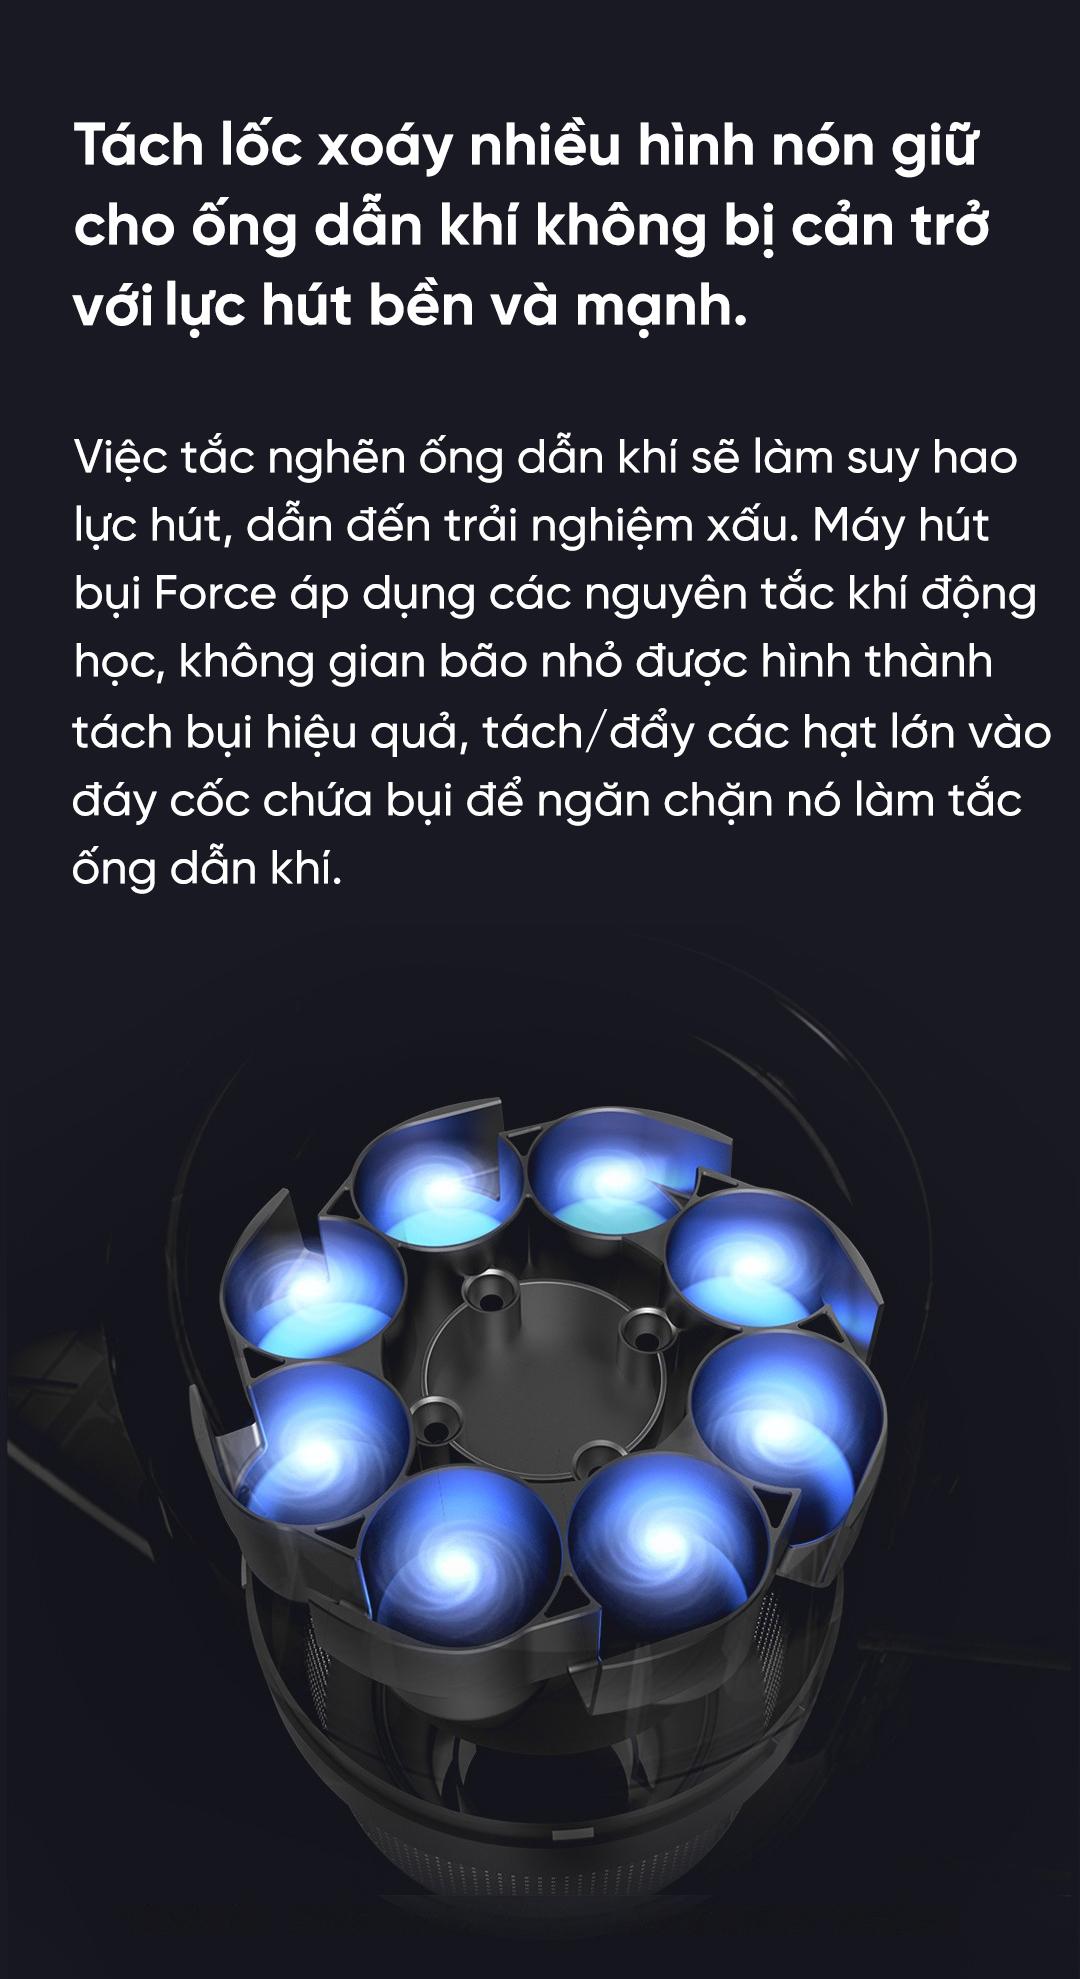 may-hut-bui-khong-day-chasing-v9-08 copy